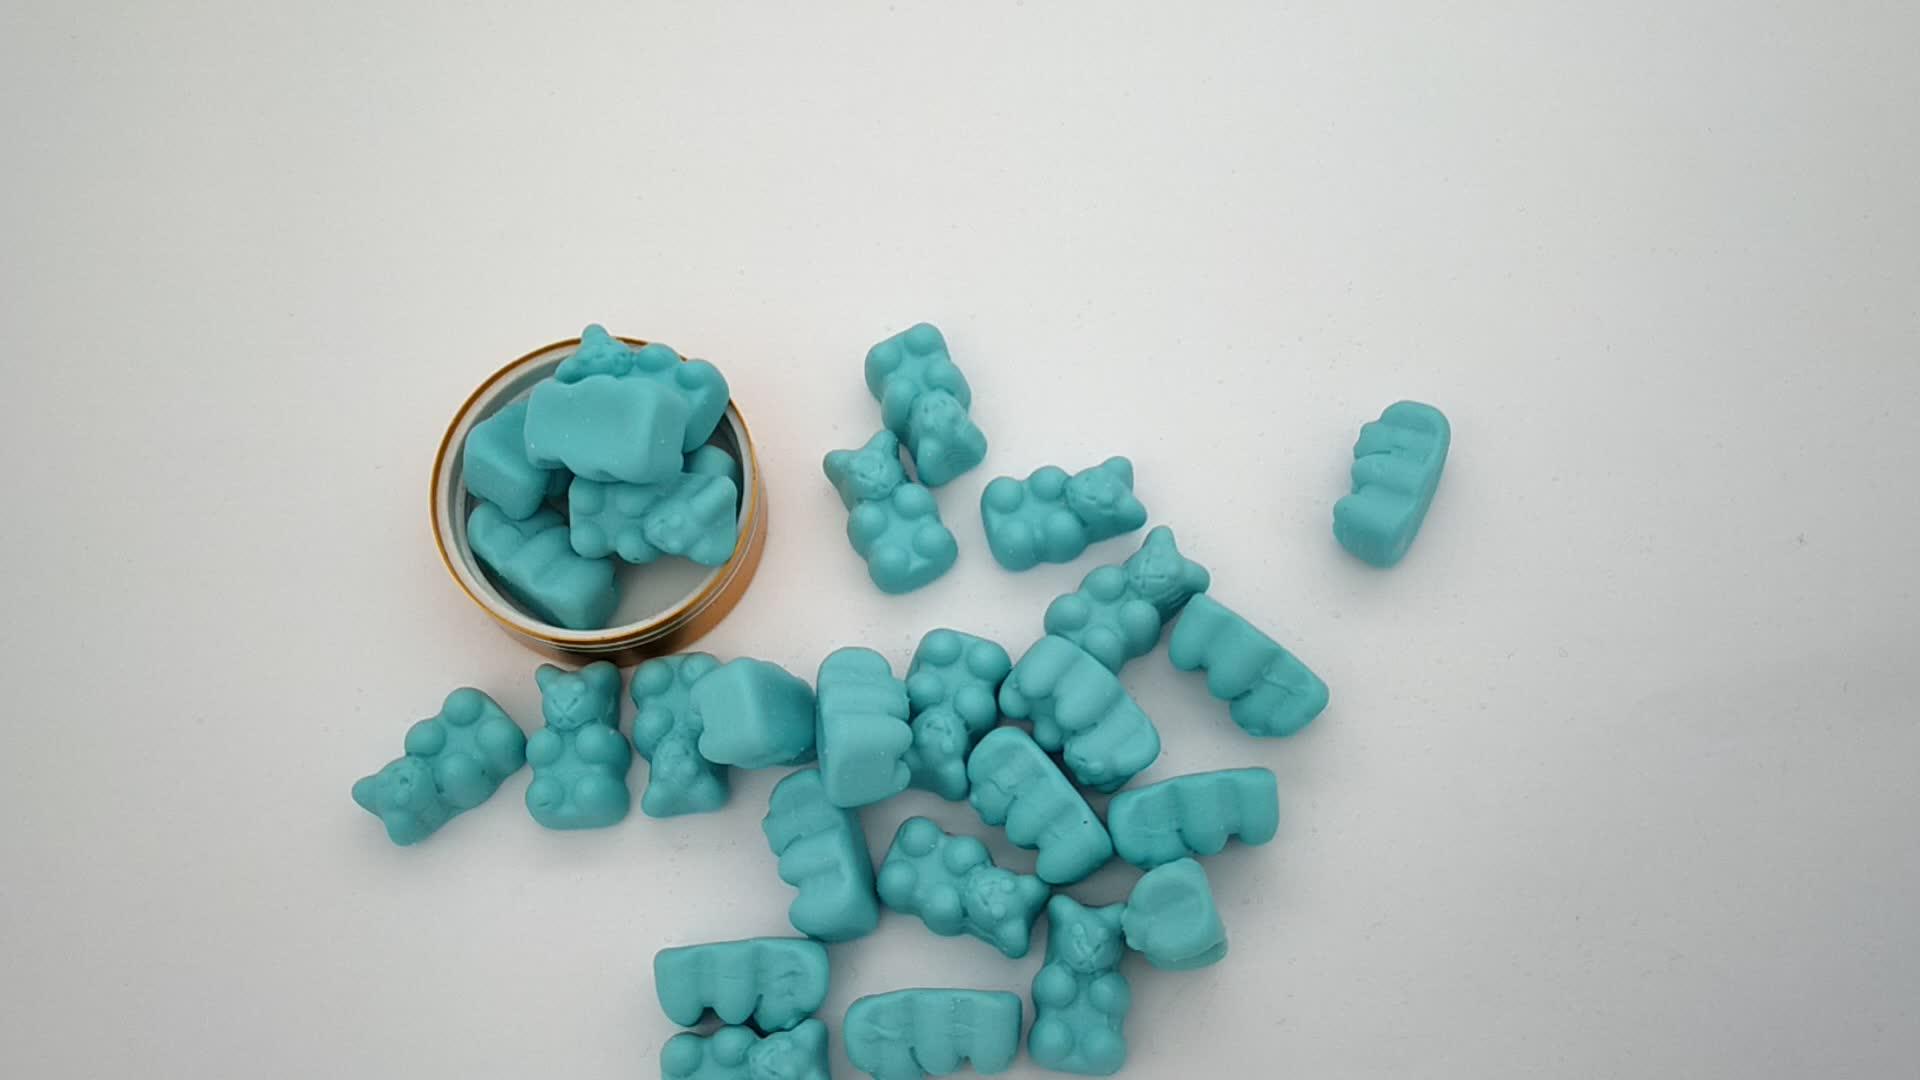 OEM Biotin Bổ Sung Tóc Vitamin Gấu Pectin Gummy